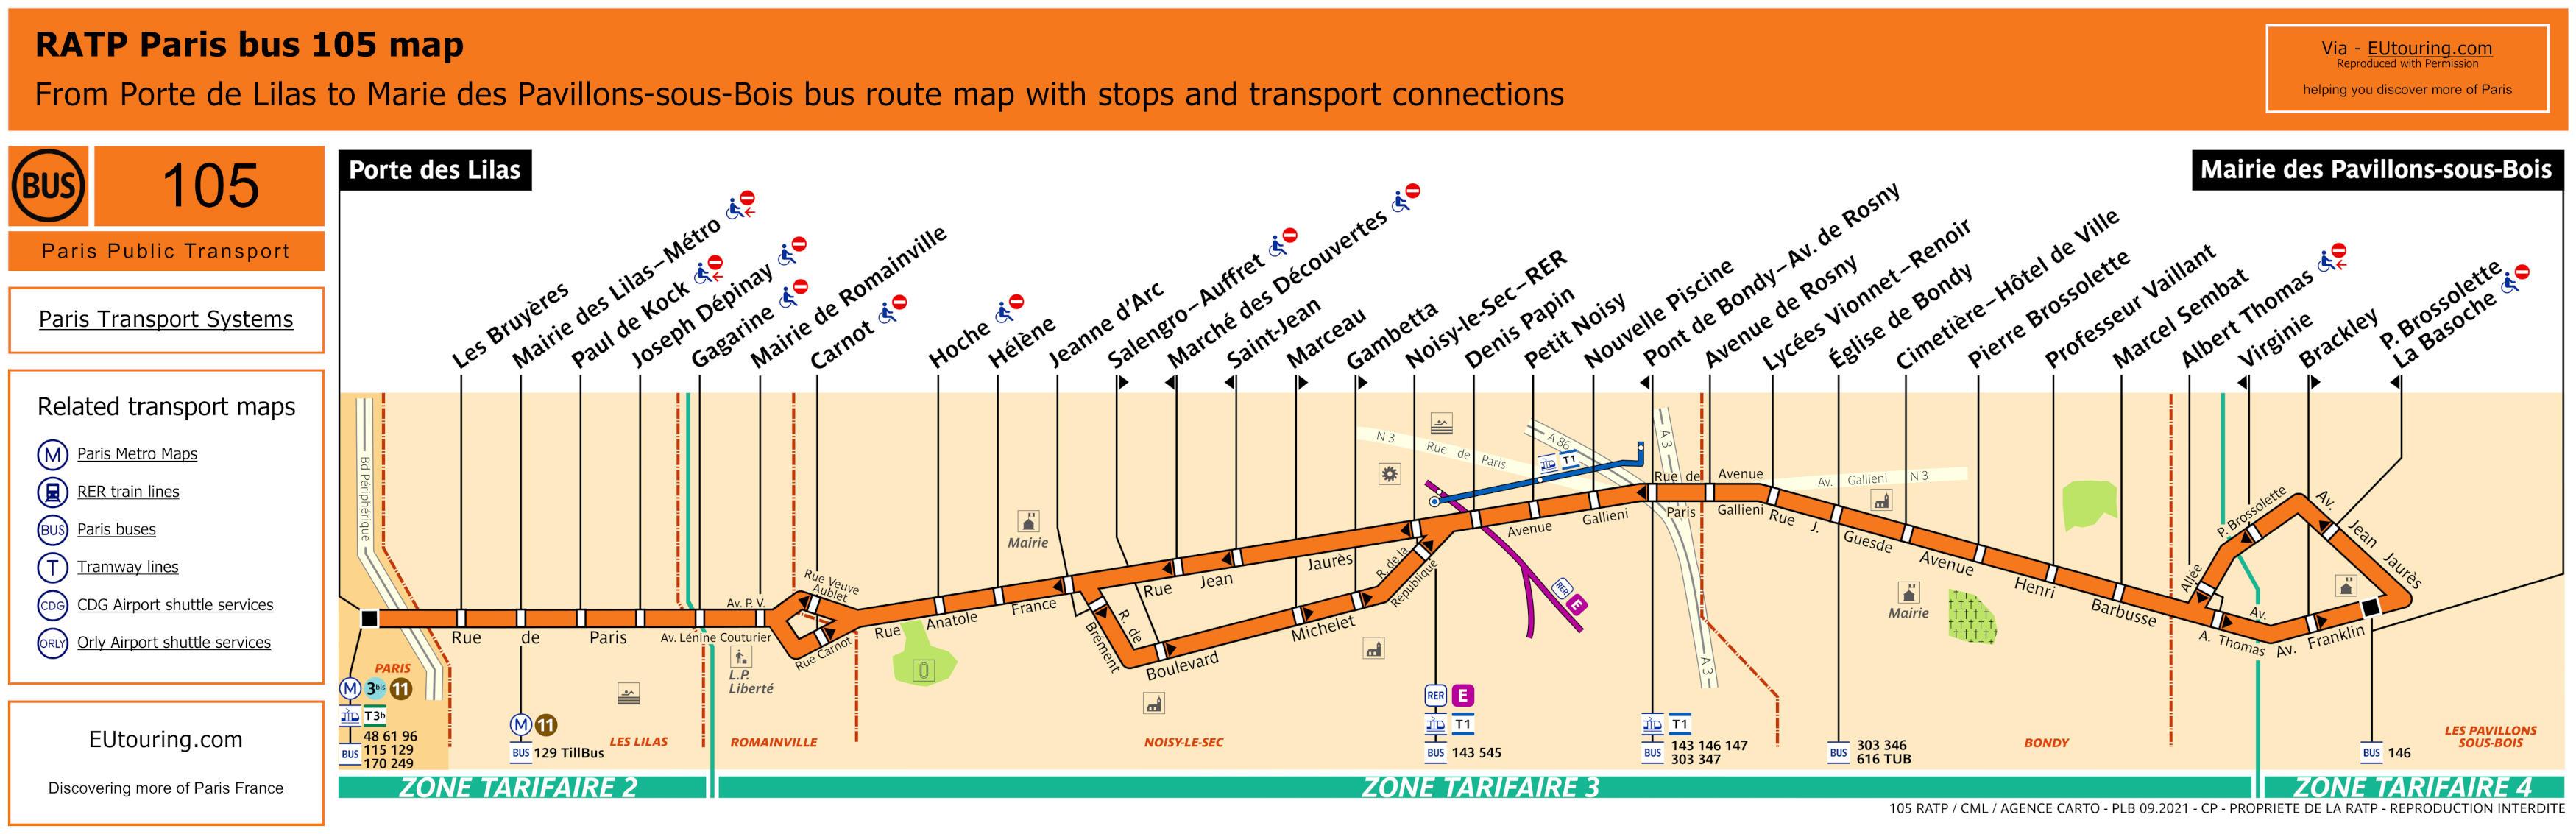 RATP route maps, timetables for Paris bus lines 100 to 109 - Update on paris train station map, paris l open tour bus, caen normandy france map, paris attractions map.pdf, paris transportation map, paris bike path map, paris highway map, paris rer zones map, paris map for tourists printable, paris city map, paris bus lines, paris transit map, paris bus hop on map, paris travel map, paris map map, paris tourist bus routes, paris bus map with streets, paris airport map, paris bus map pdf, paris bus map printable,